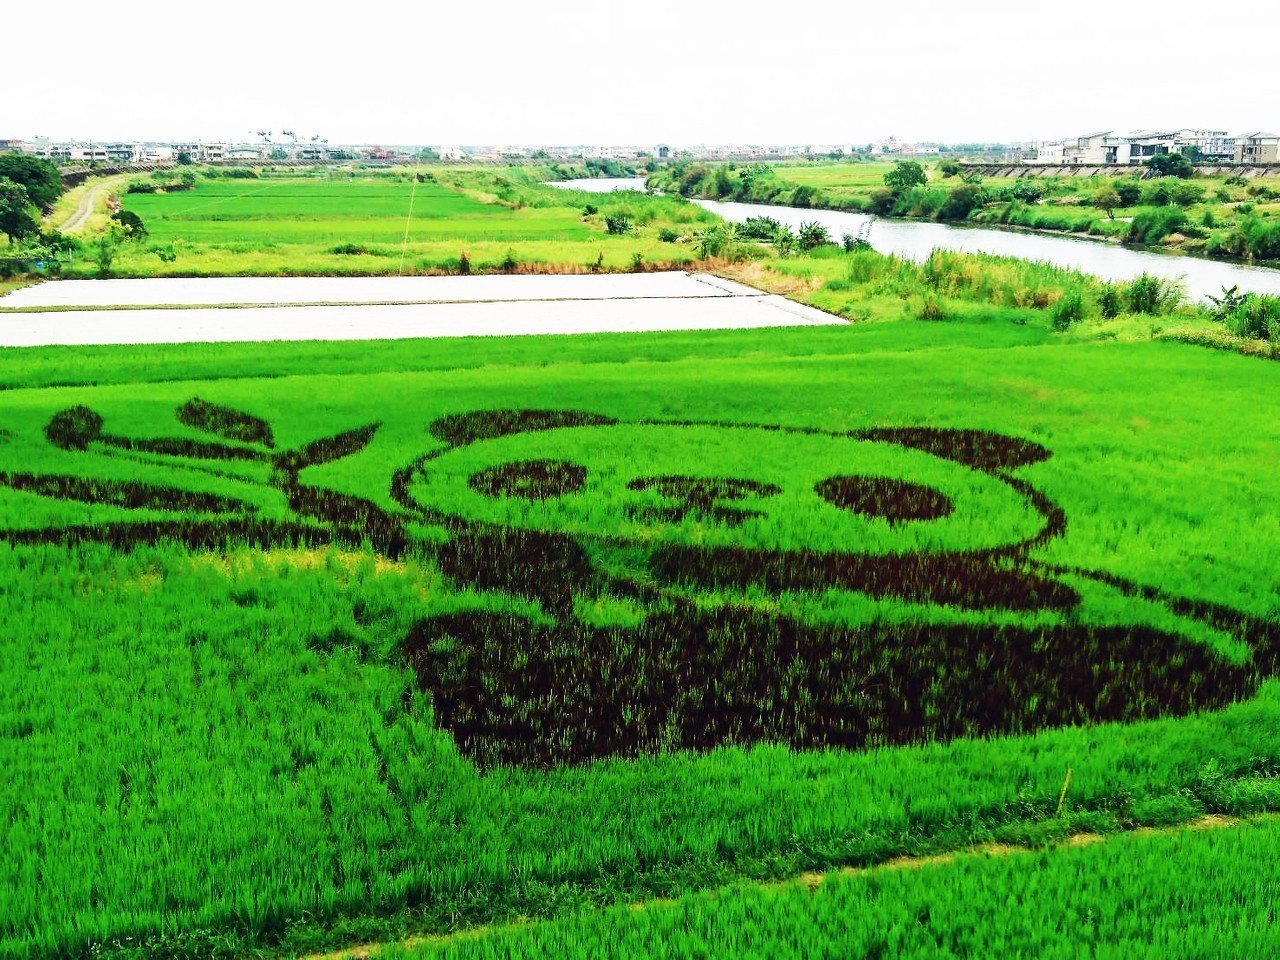 宜蘭縣壯圍鄉公所去年推出彩繪稻田,稻田裡長出貓熊,壯觀美麗。資料照片/記者羅建旺...